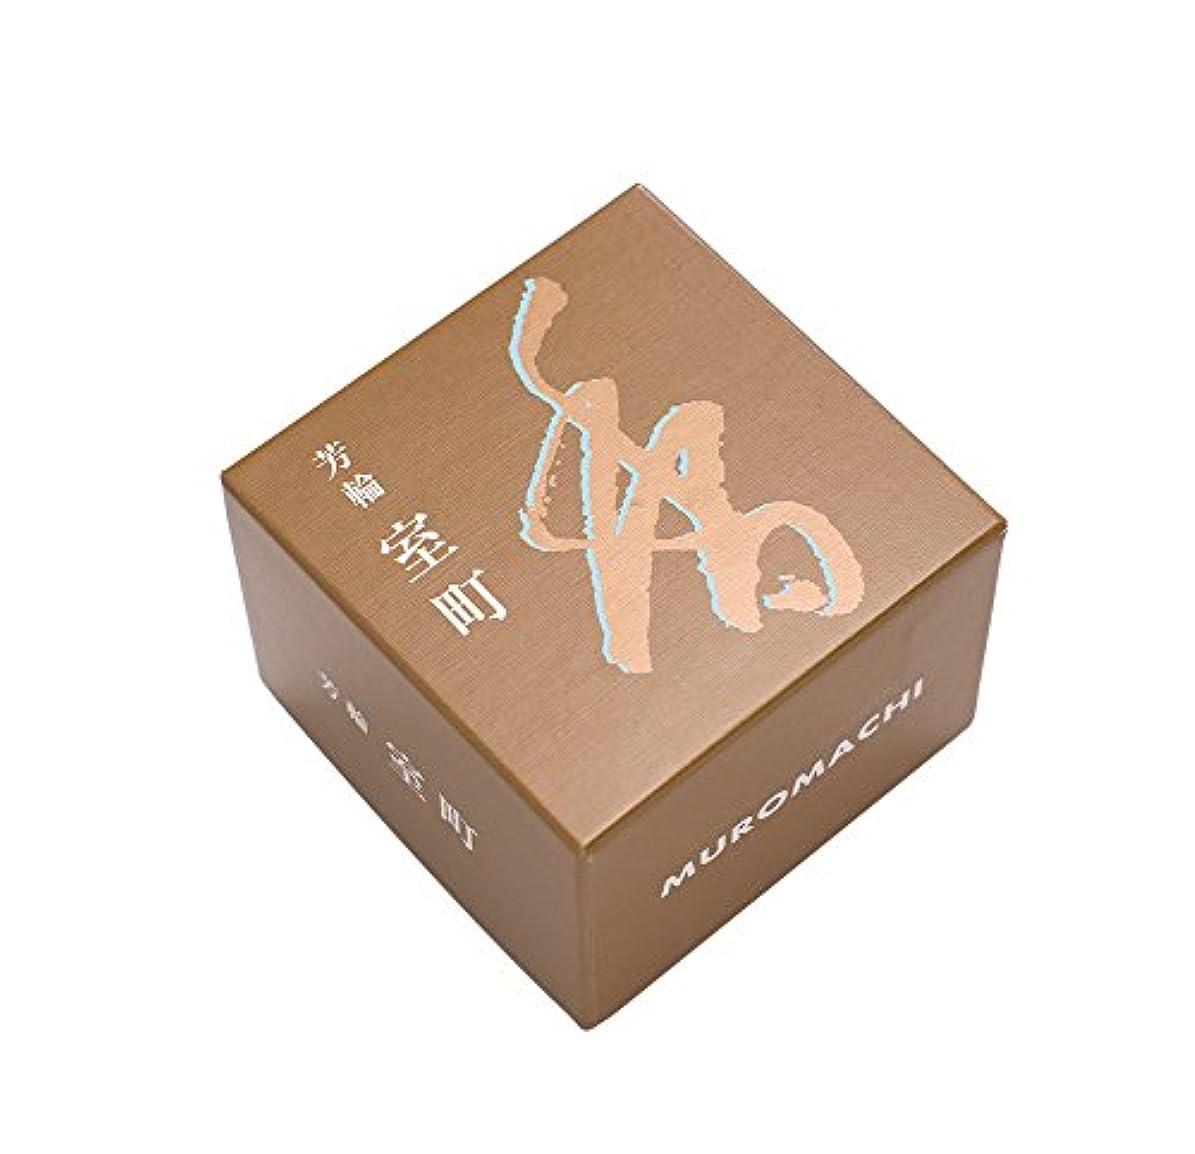 カイウス魅惑的な論理的松栄堂のお香 芳輪室町 渦巻型10枚入 うてな角型付 #210421